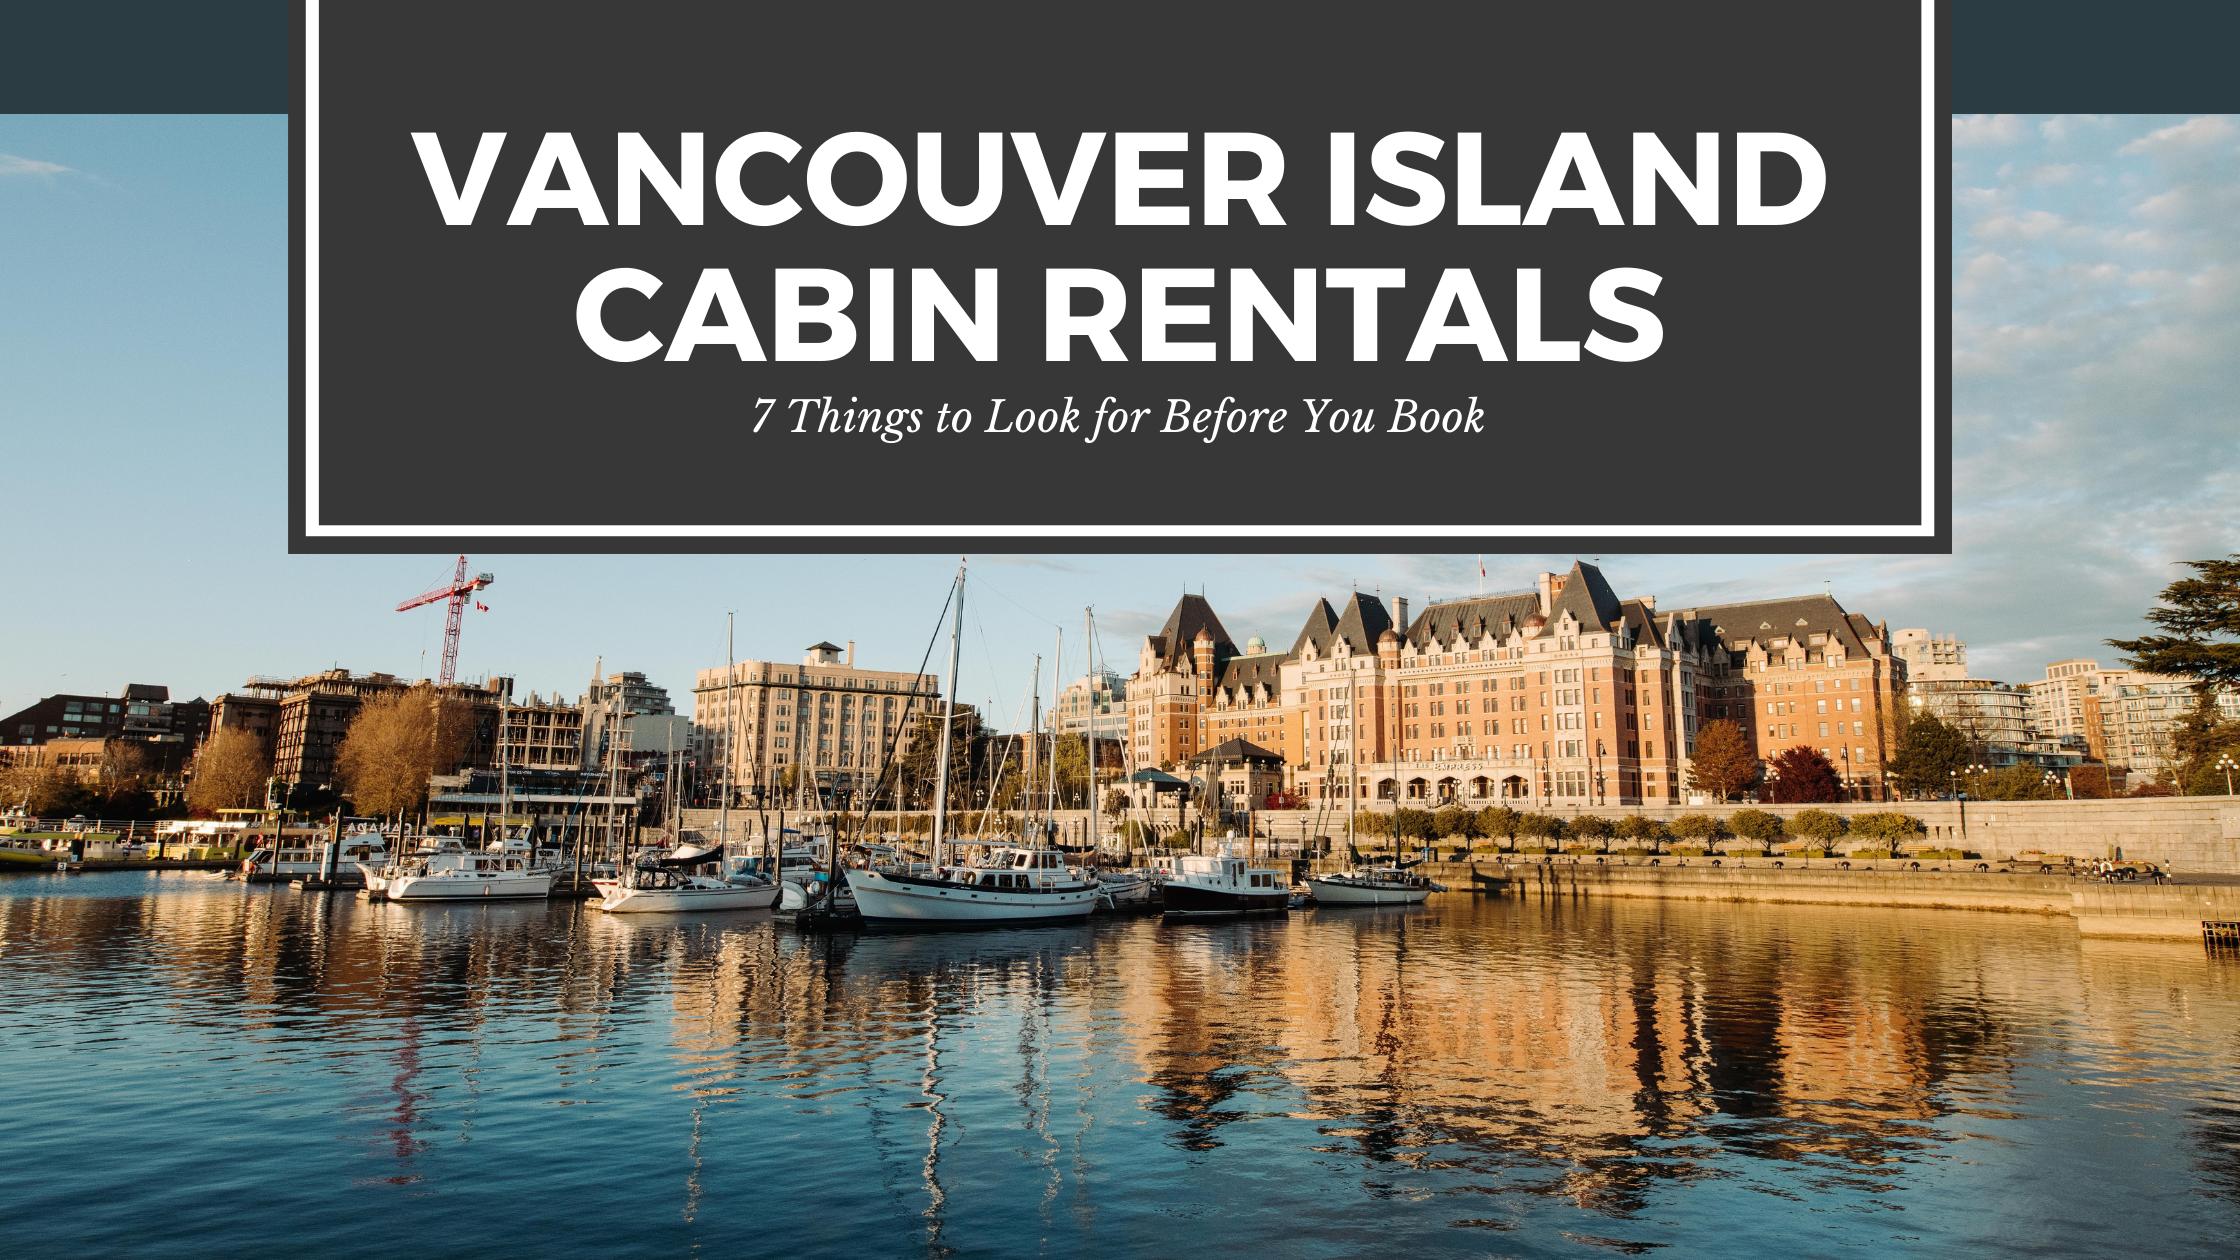 Vancouver Island Cabin Rentals